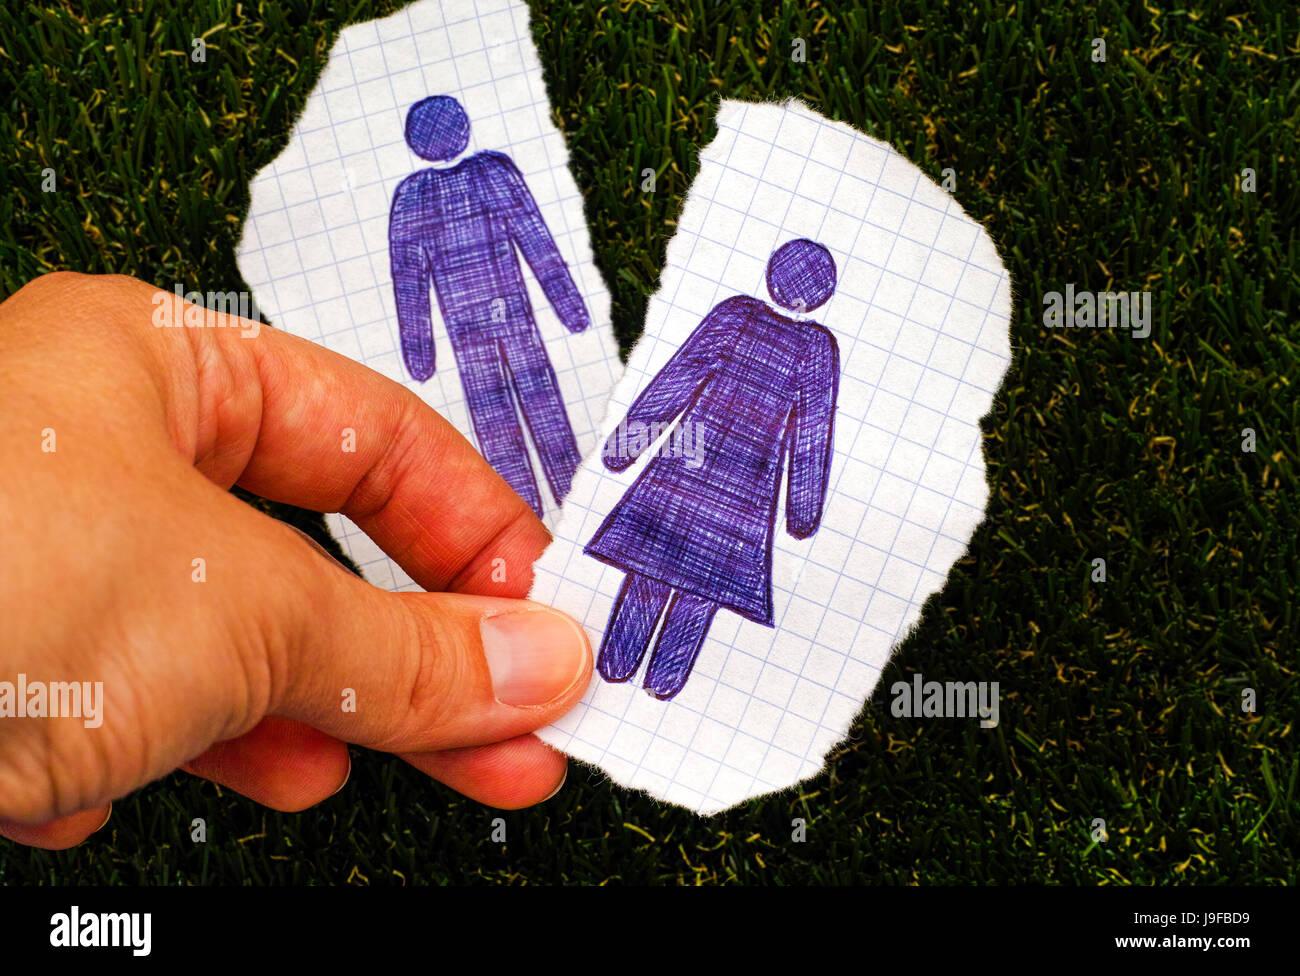 Personne hand holding morceau de papier avec la main femme figure. D'autres morceau de papier avec la figure de Banque D'Images